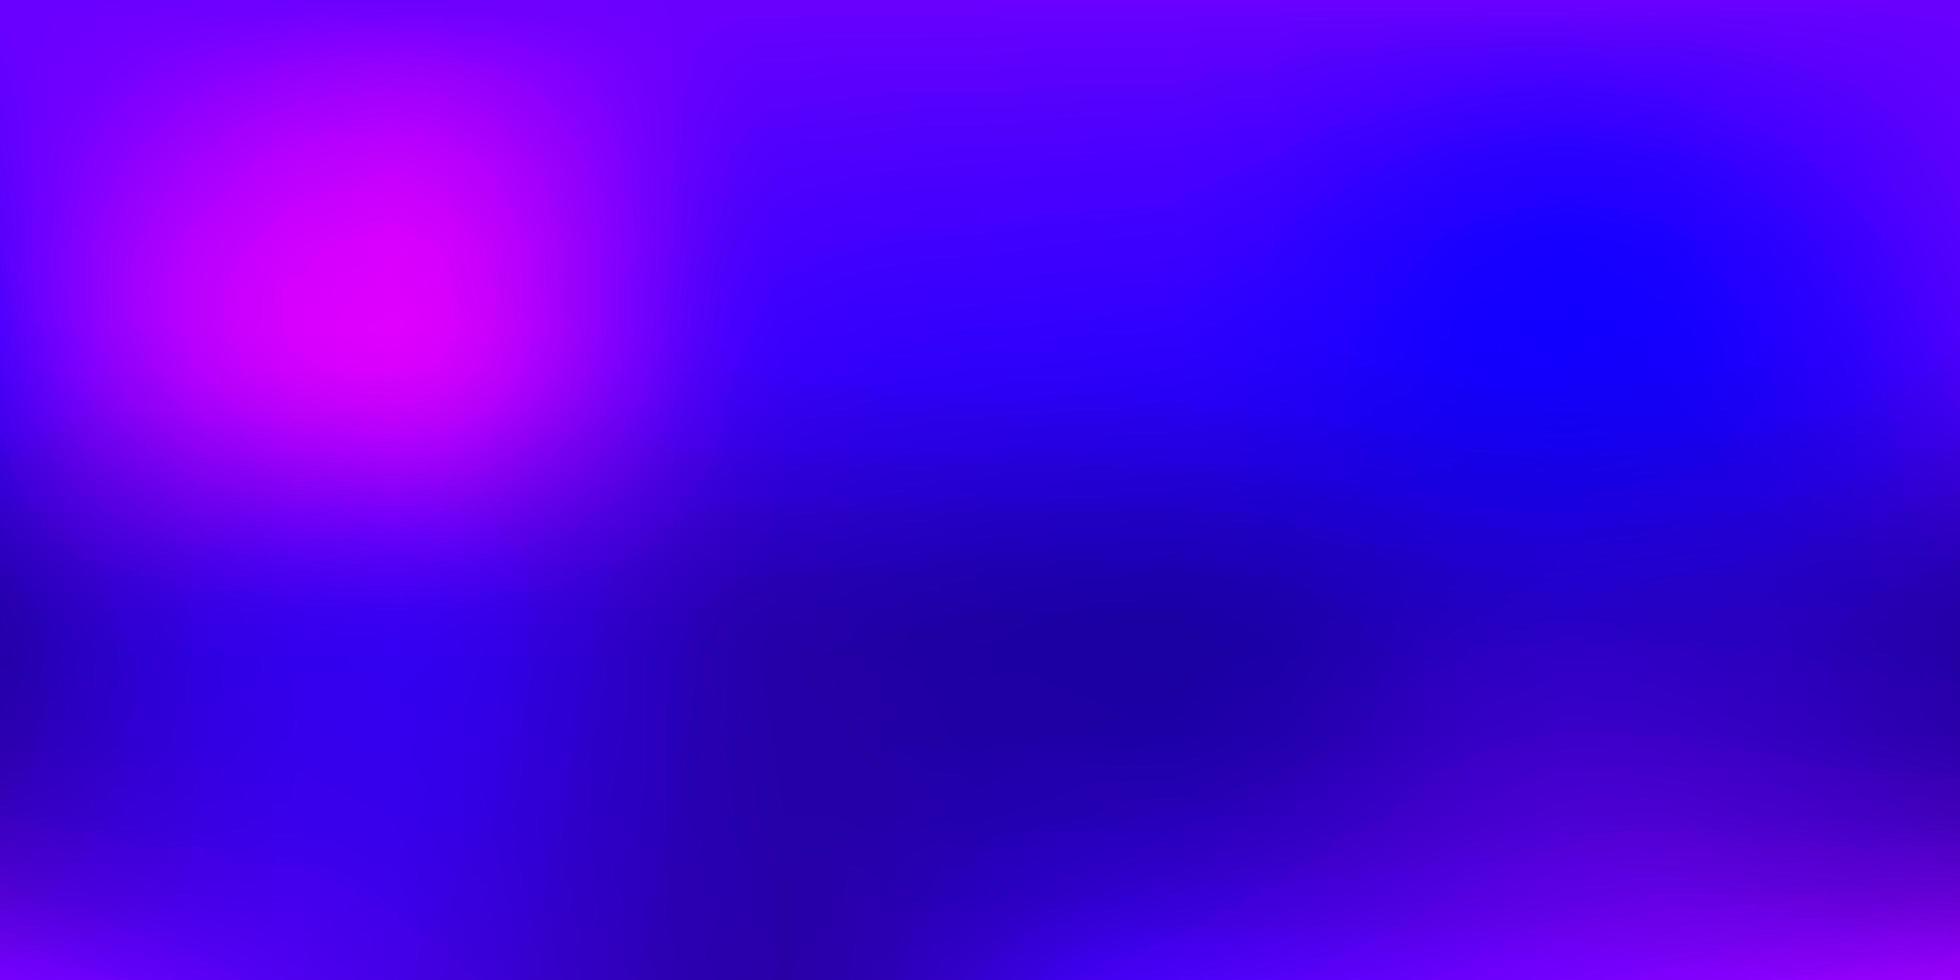 mörk lila vektor gradient oskärpa bakgrund.